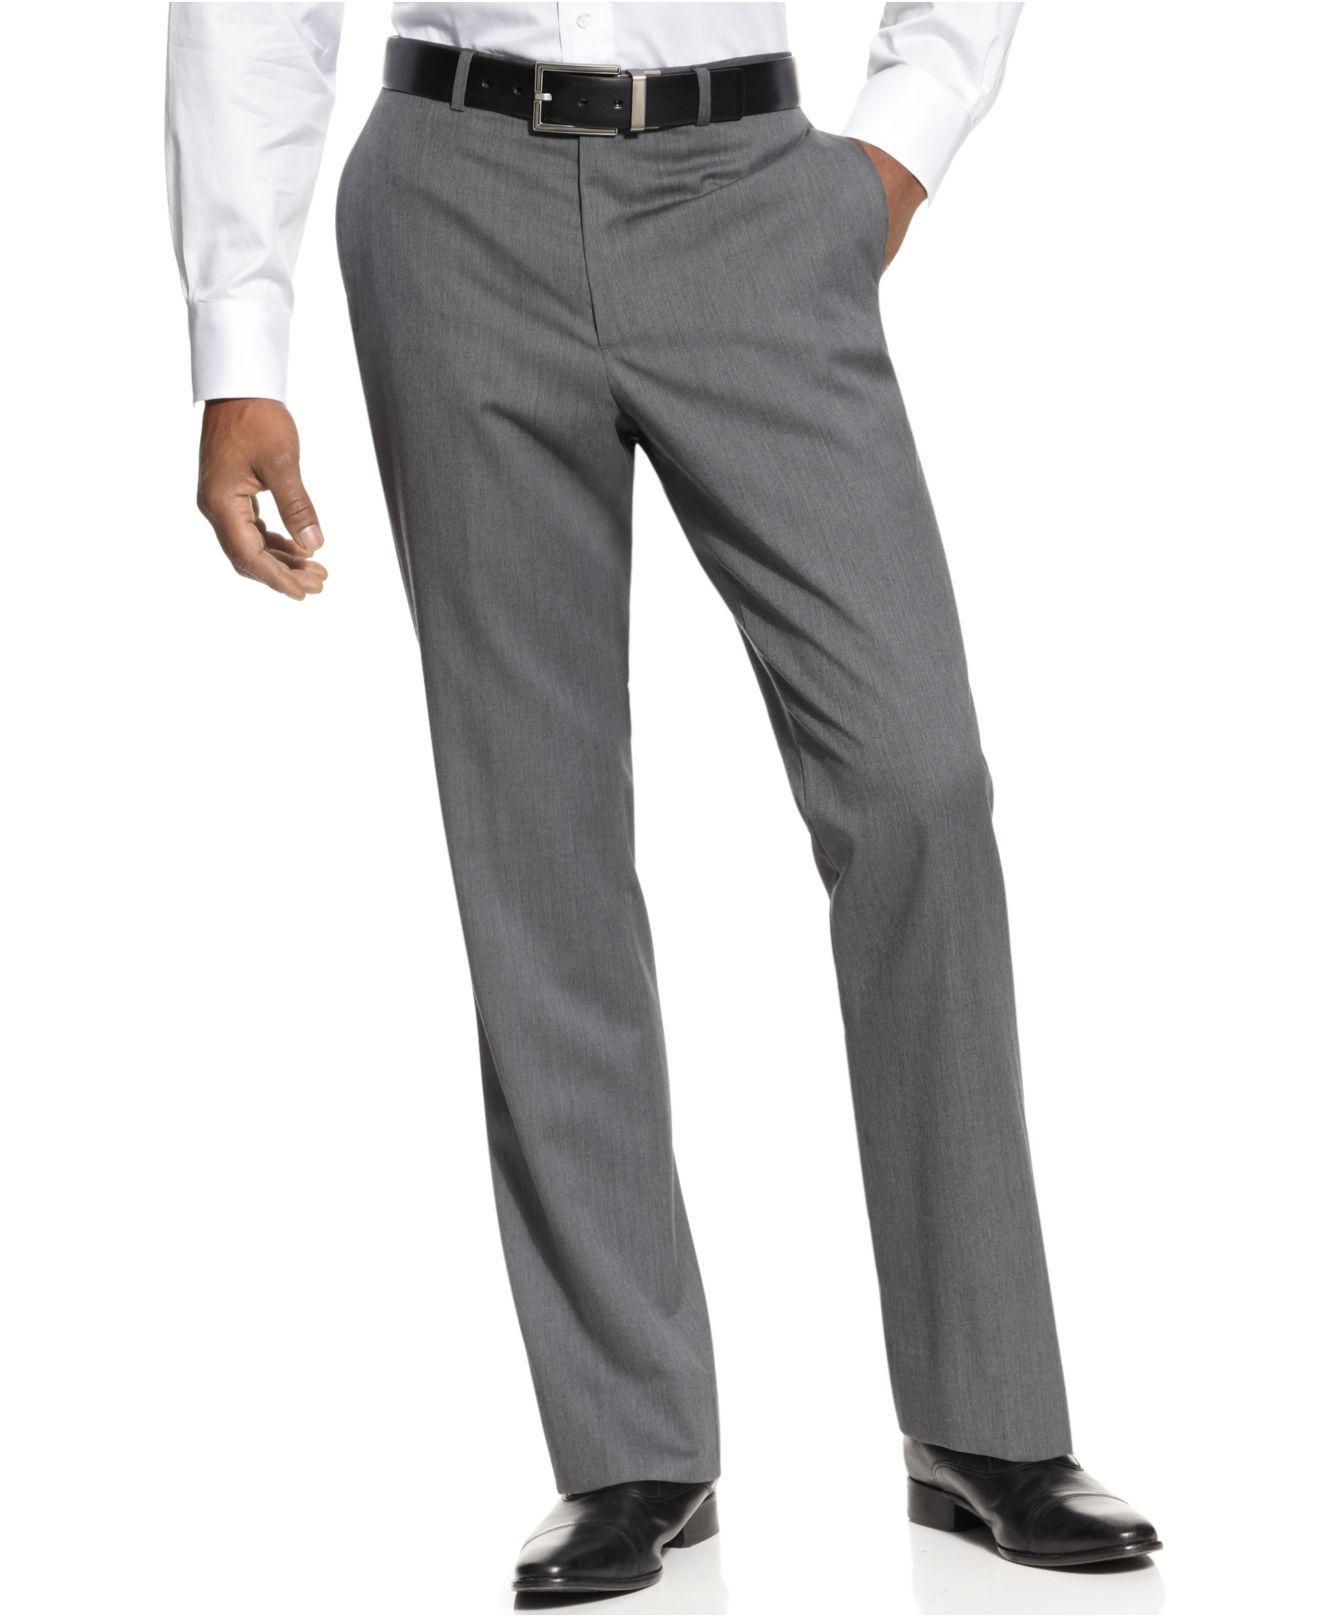 Tommy Hilfiger Pant Suit